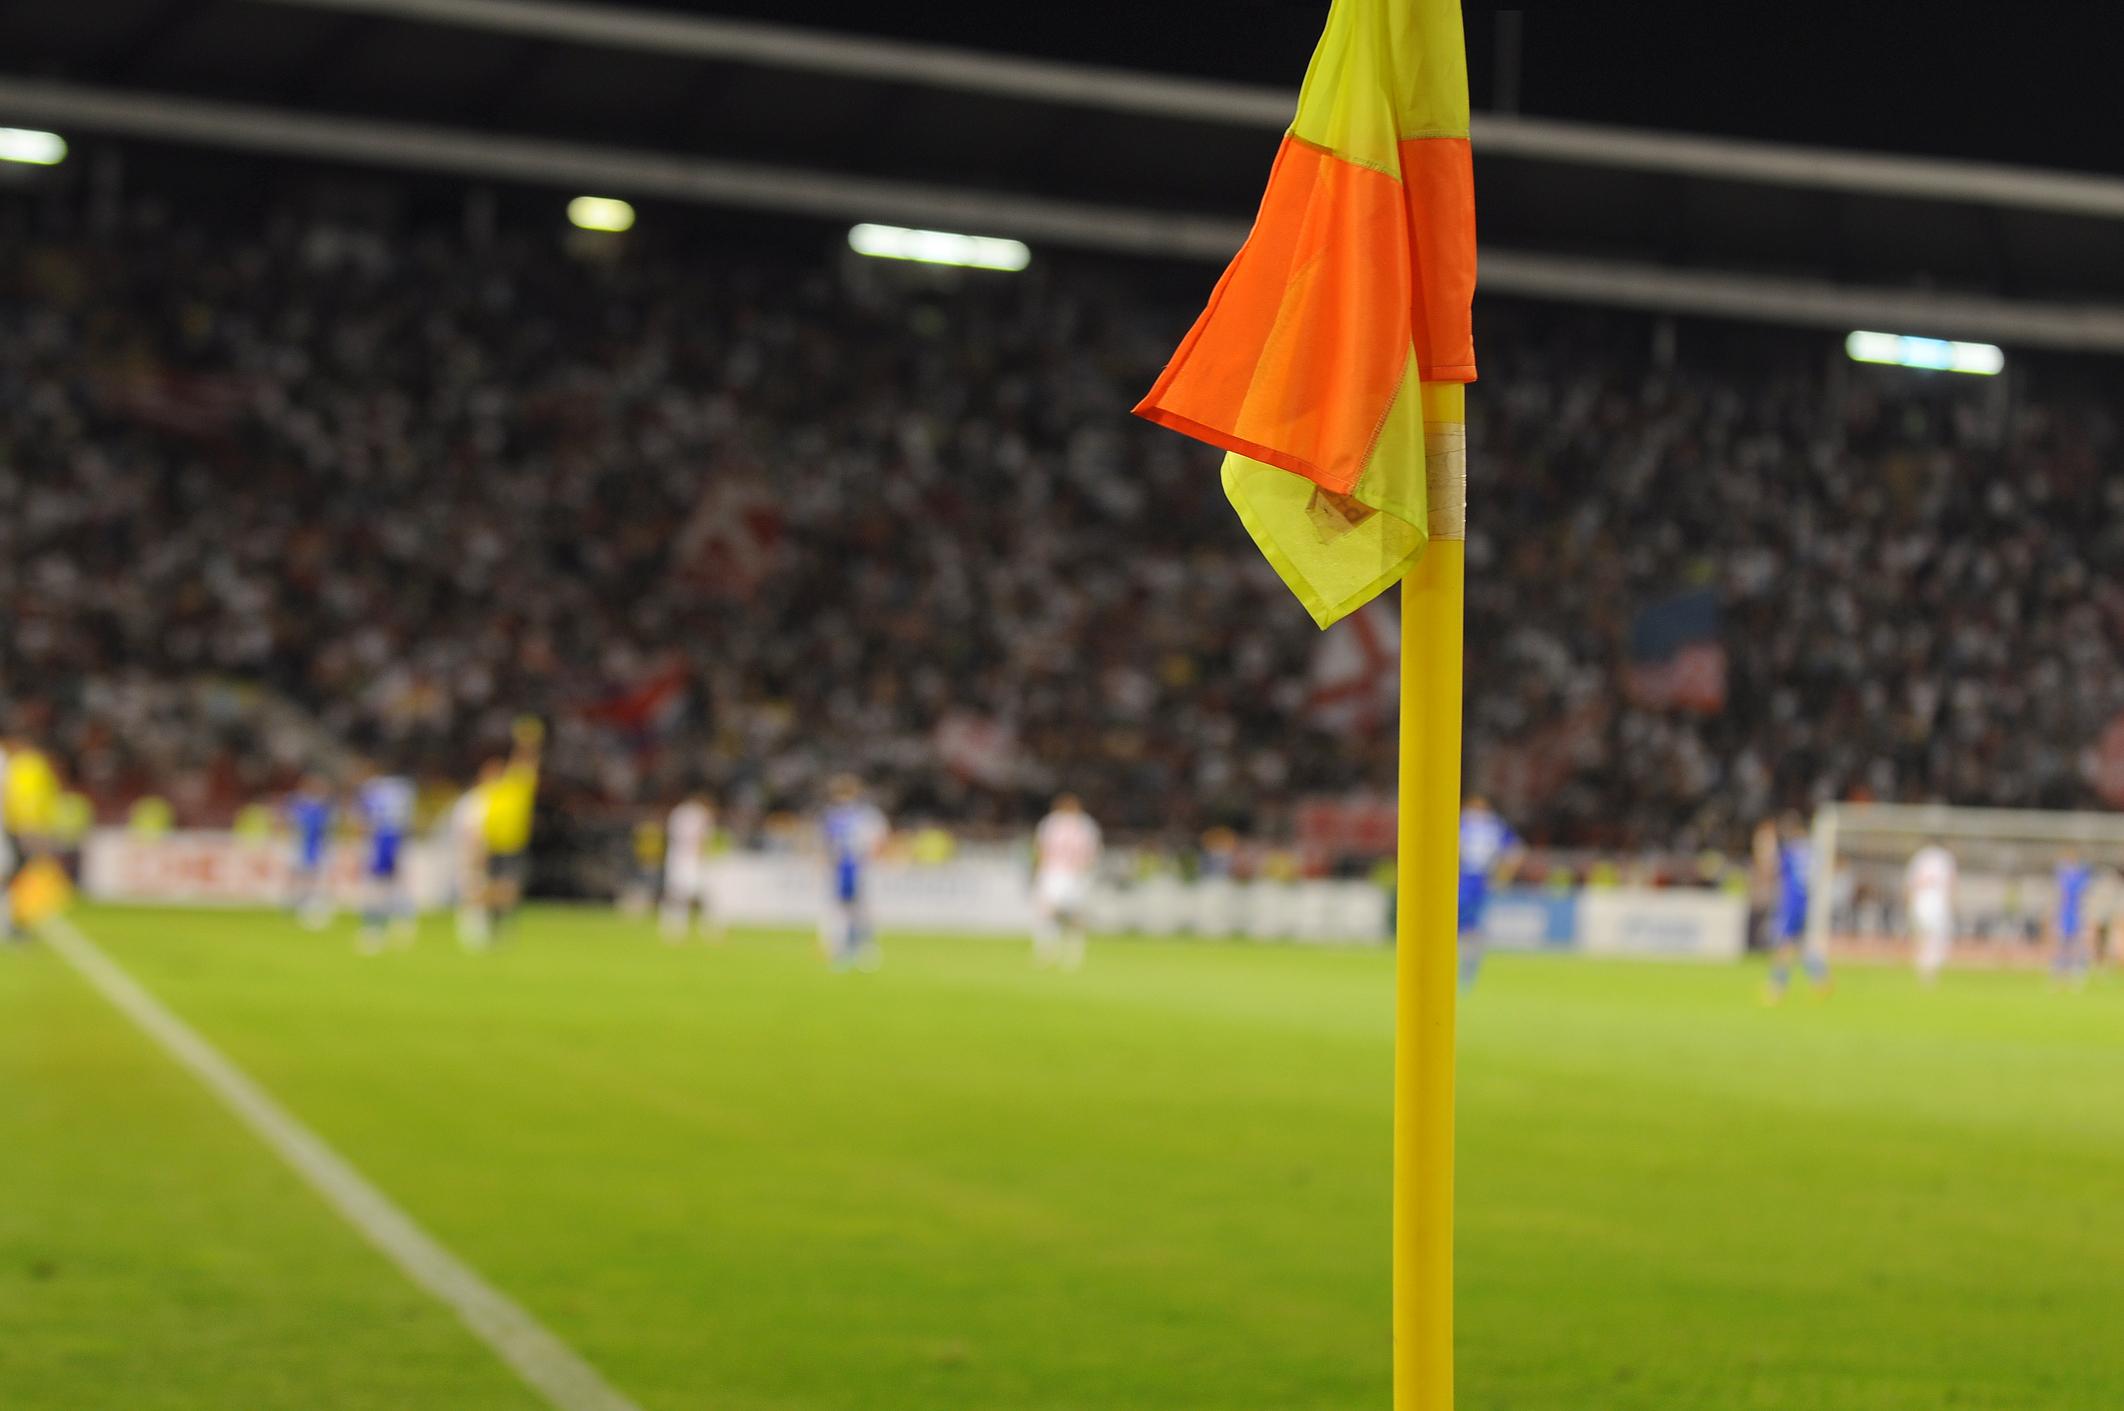 Campionatul European Under-19 din Romania, anulat de UEFA